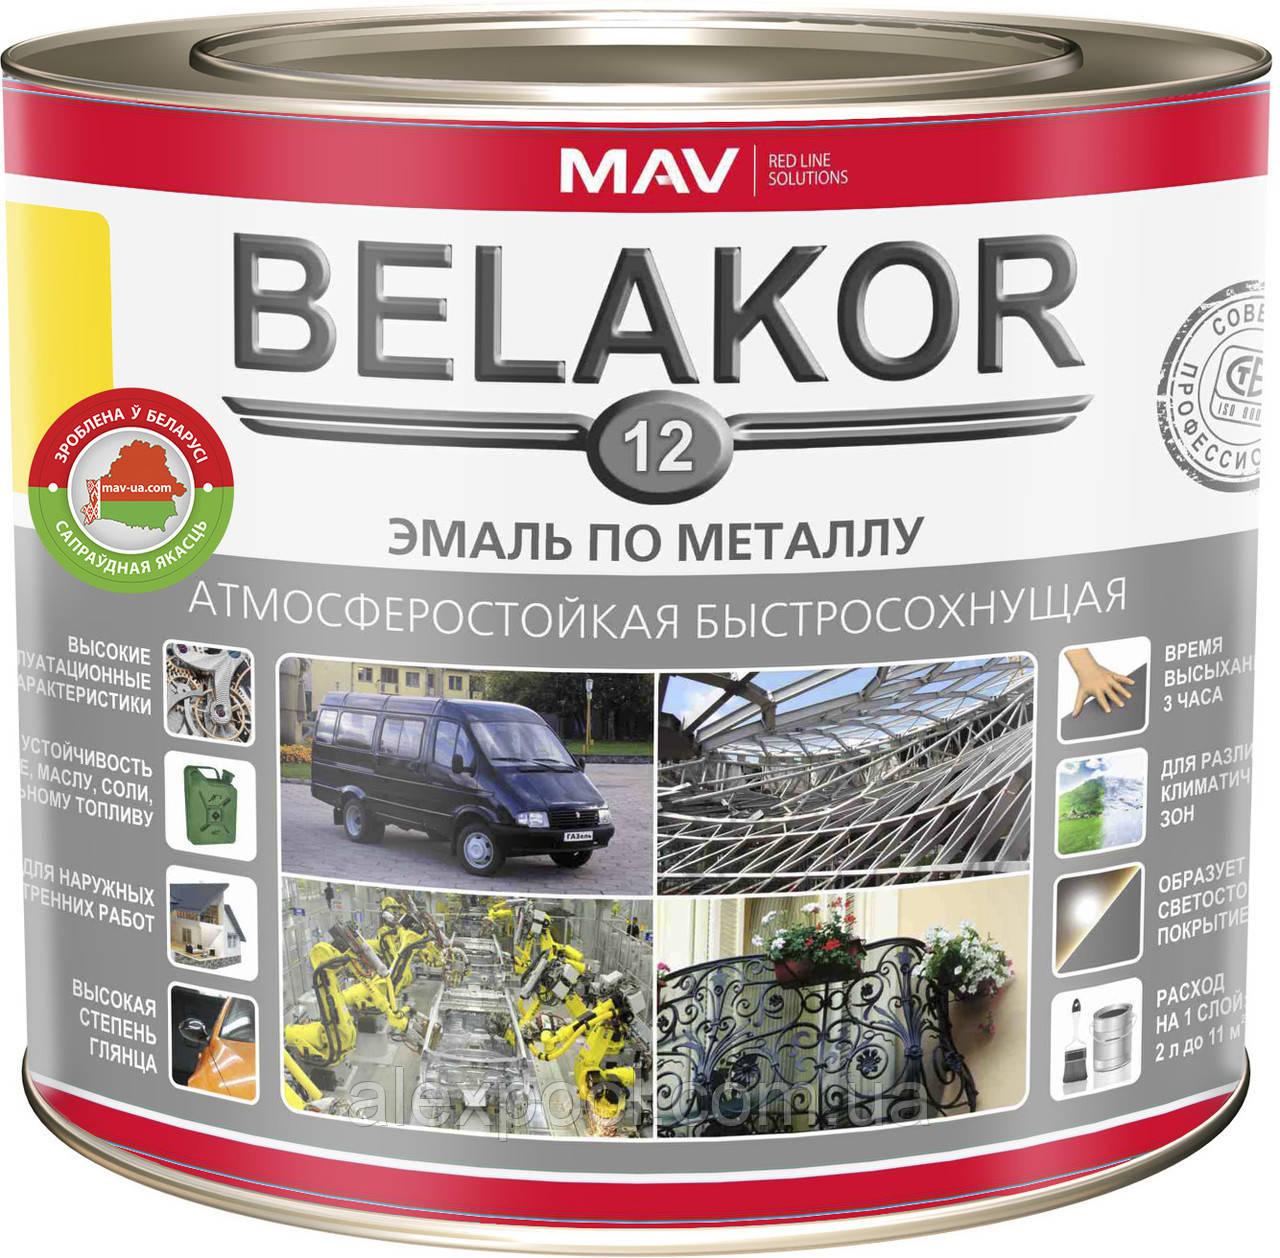 Эмаль MAV BELAKOR 12 по металлу атмосферостойкая быстросохнущая Белая 1 литр